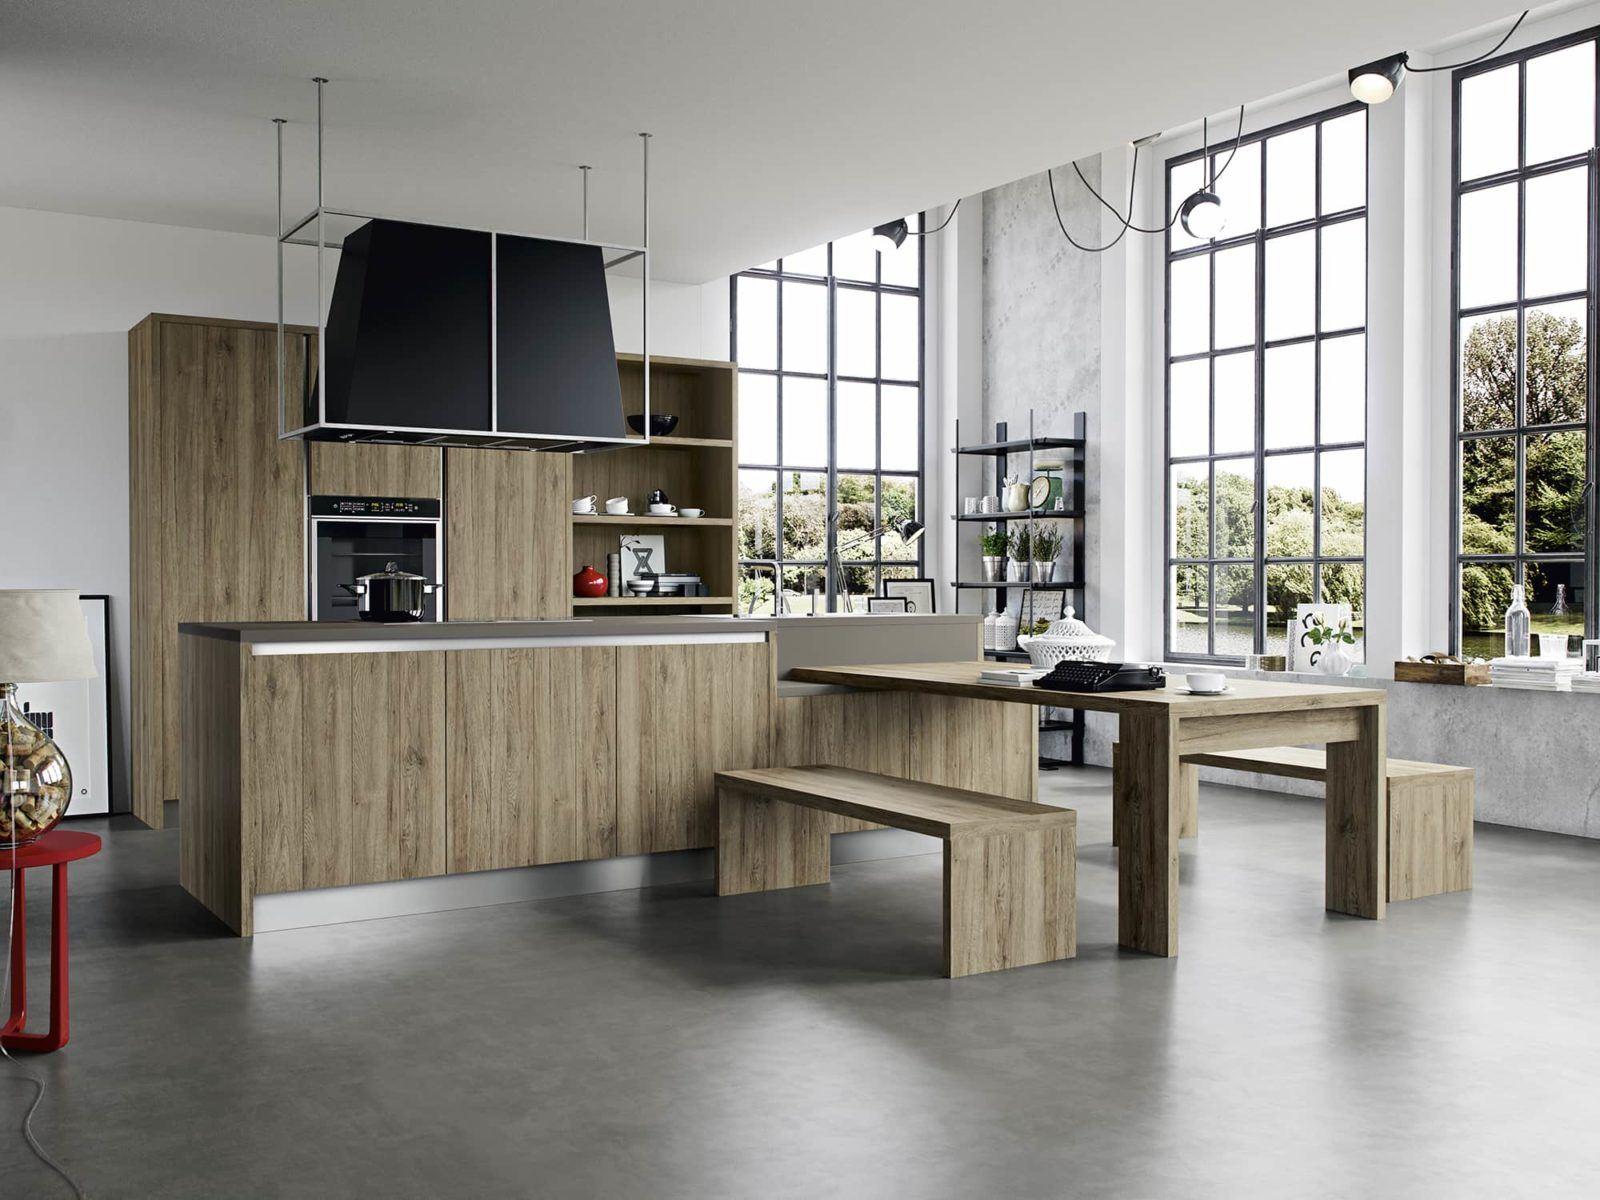 Isola cucina disegno tavolo - Cucina rustica con isola ...